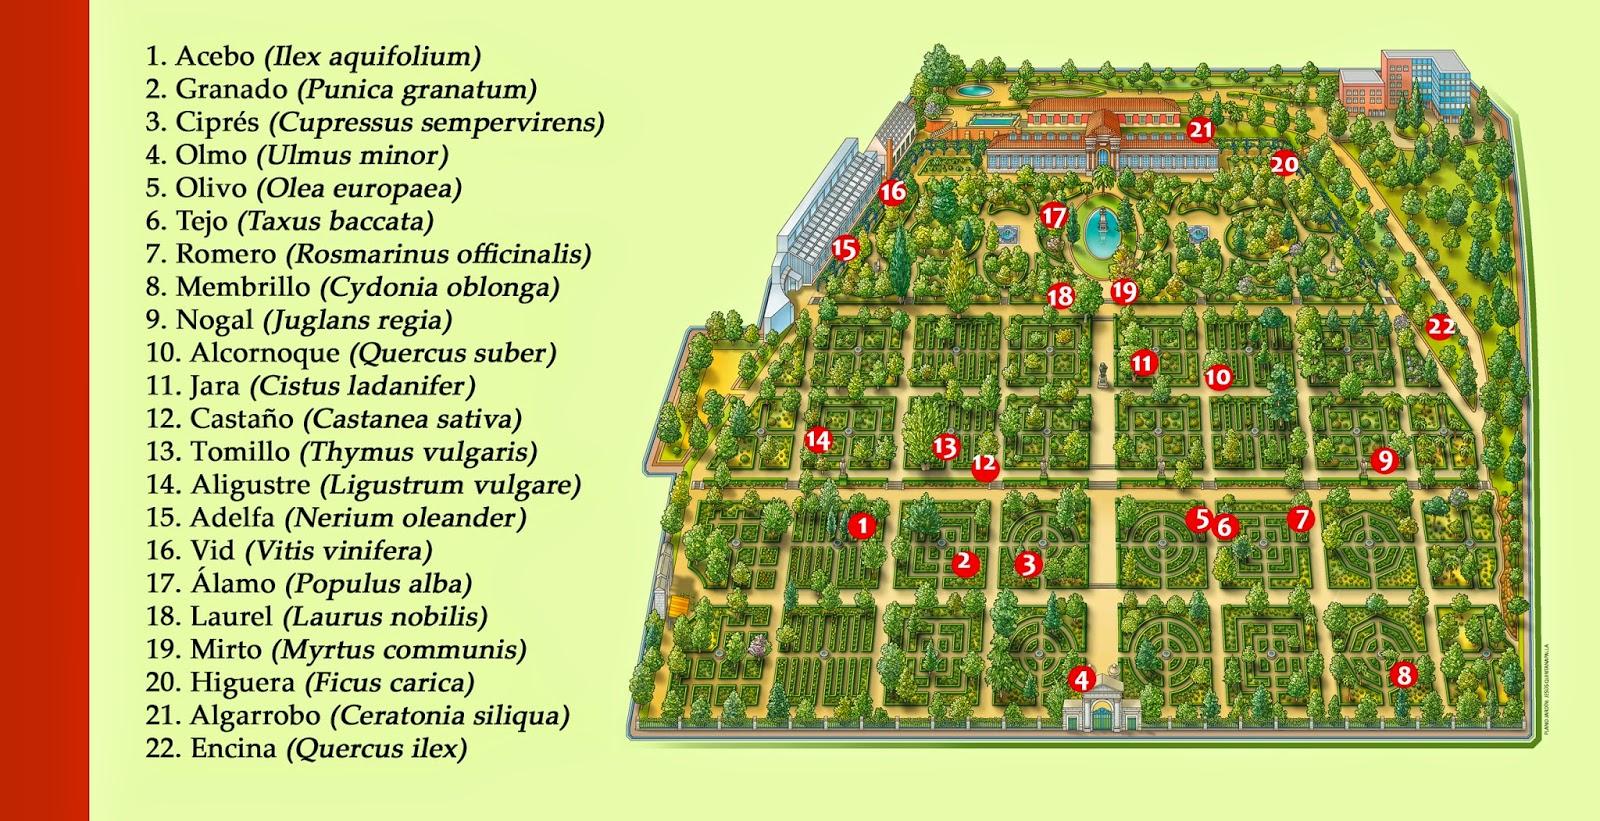 Las plantas en el quijote for Plantas de un jardin botanico